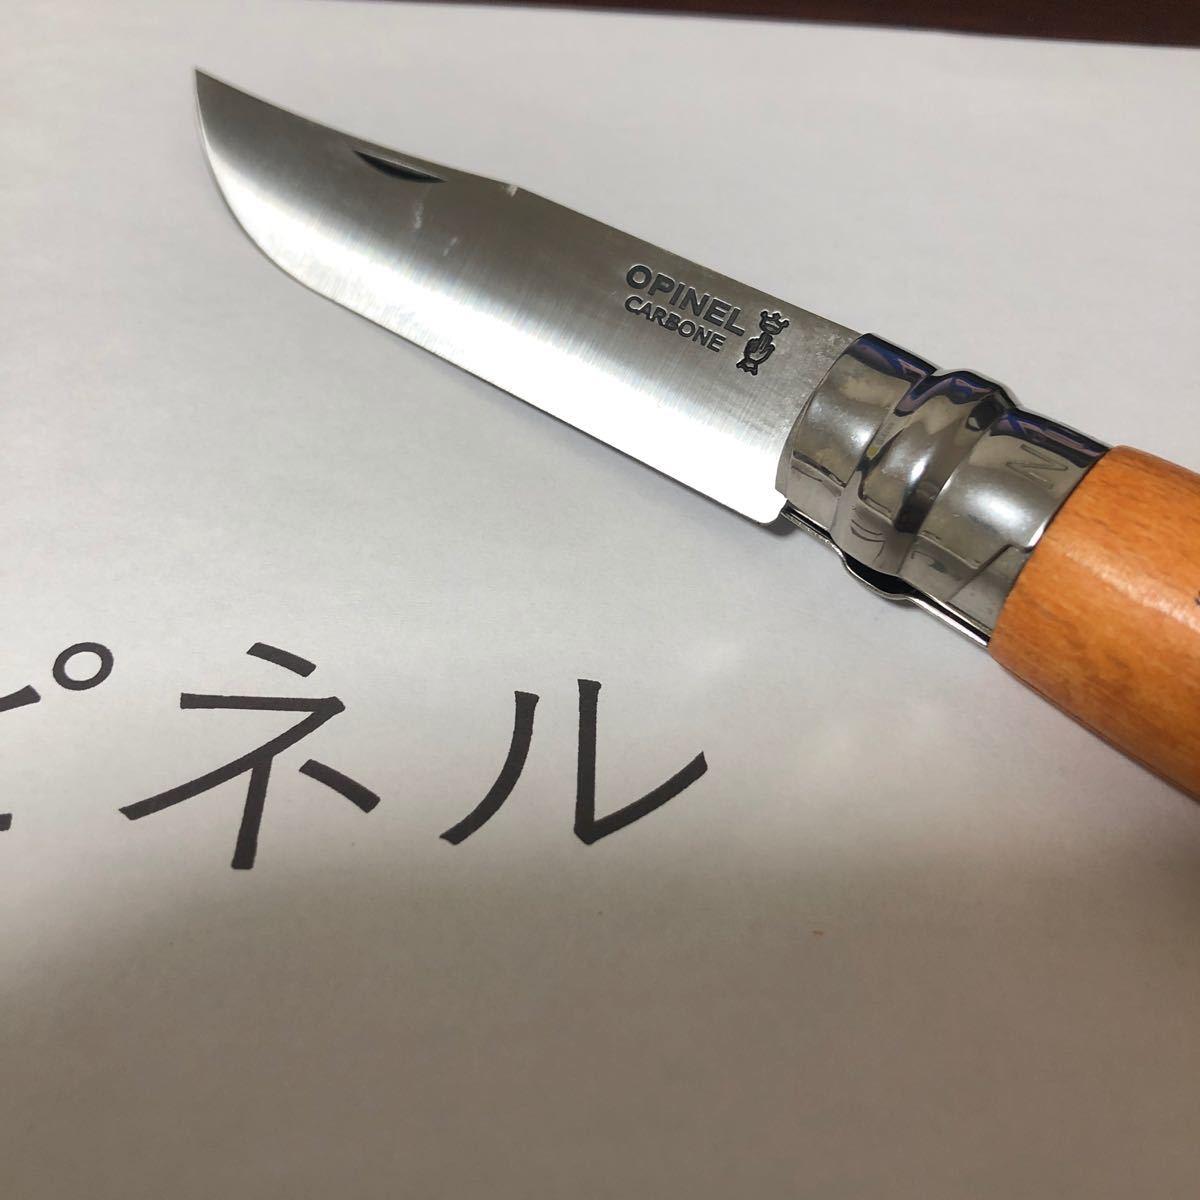 オピネル カーボン No9 並行輸入品